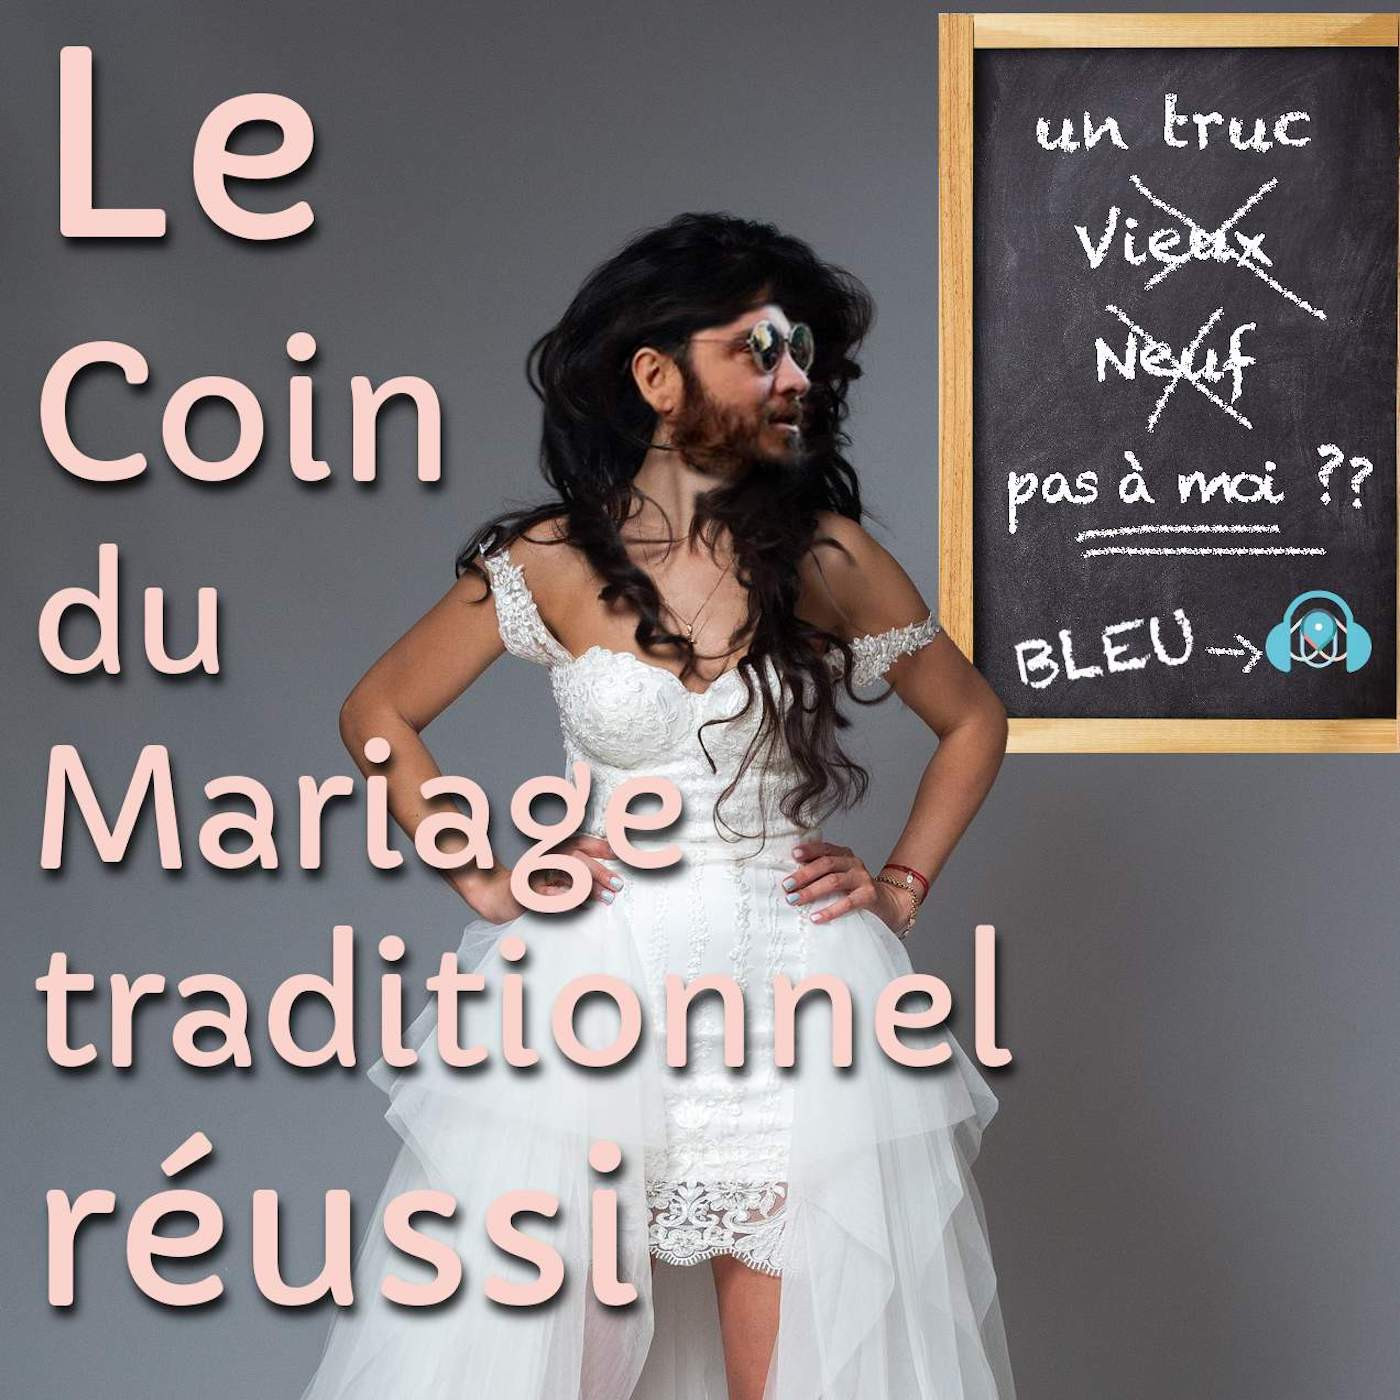 LE COIN DU MARIAGE TRADITIONNEL RÉUSSI S1E10